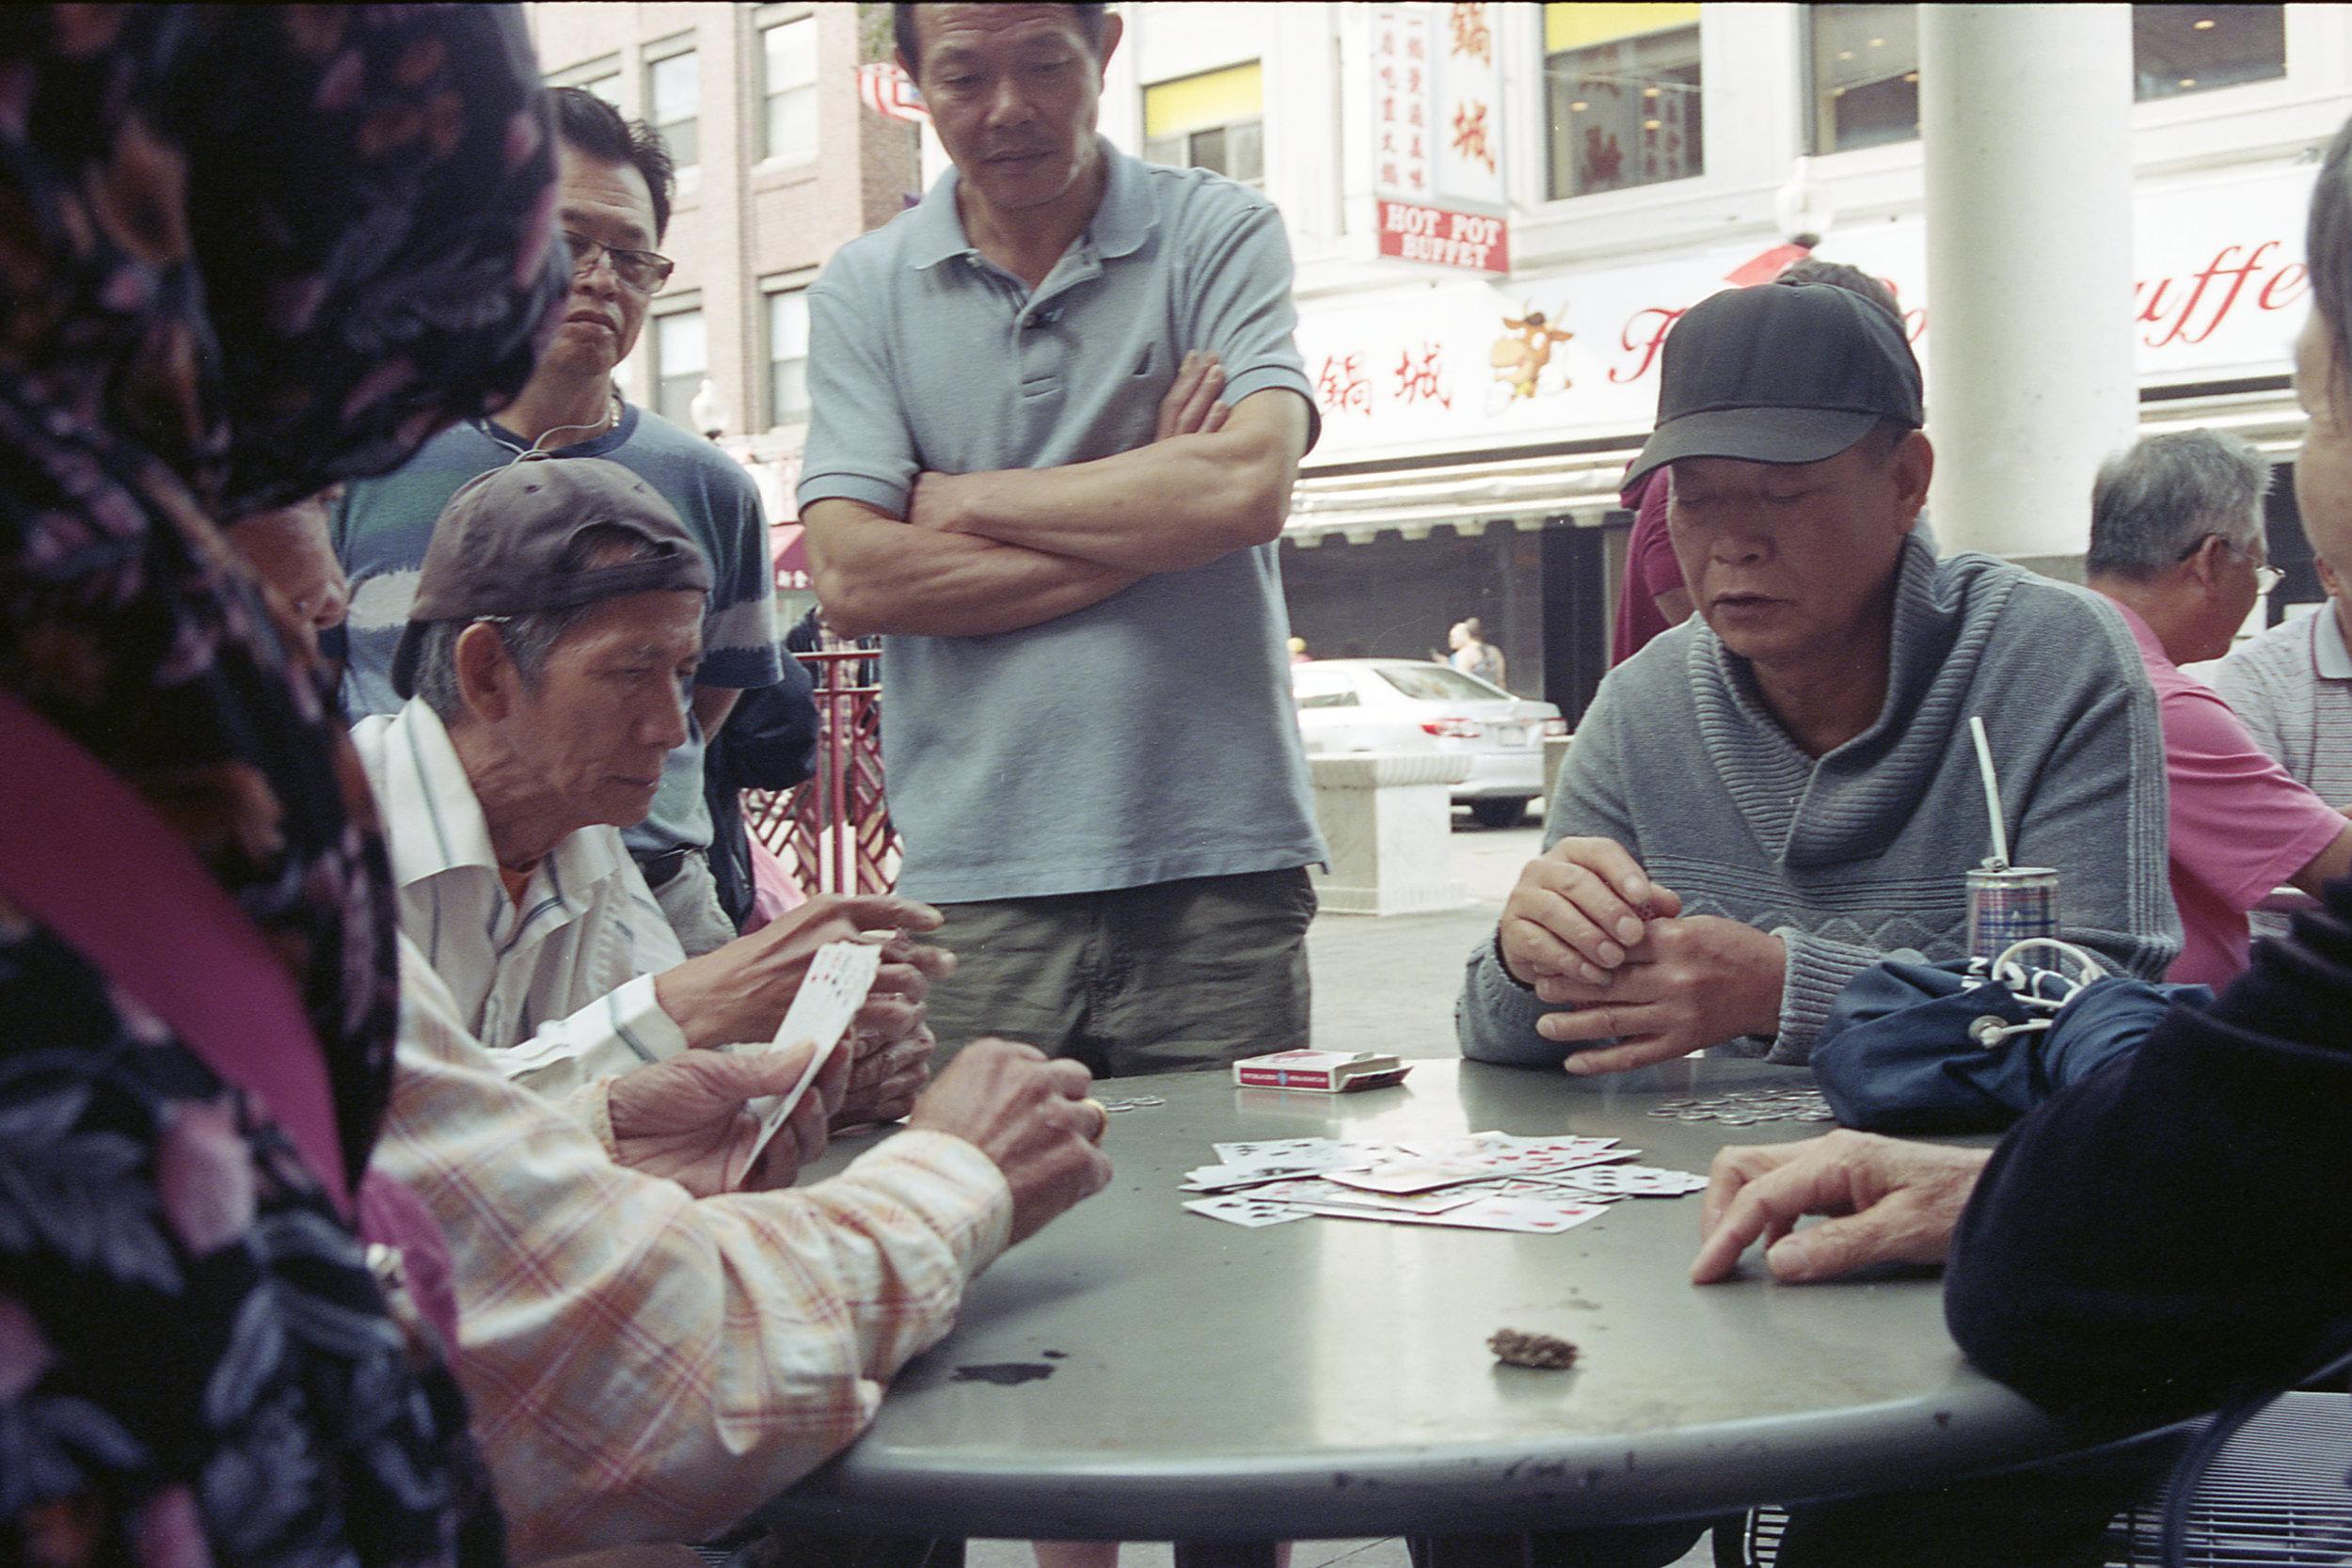 20180819_Chinatown_028.jpg